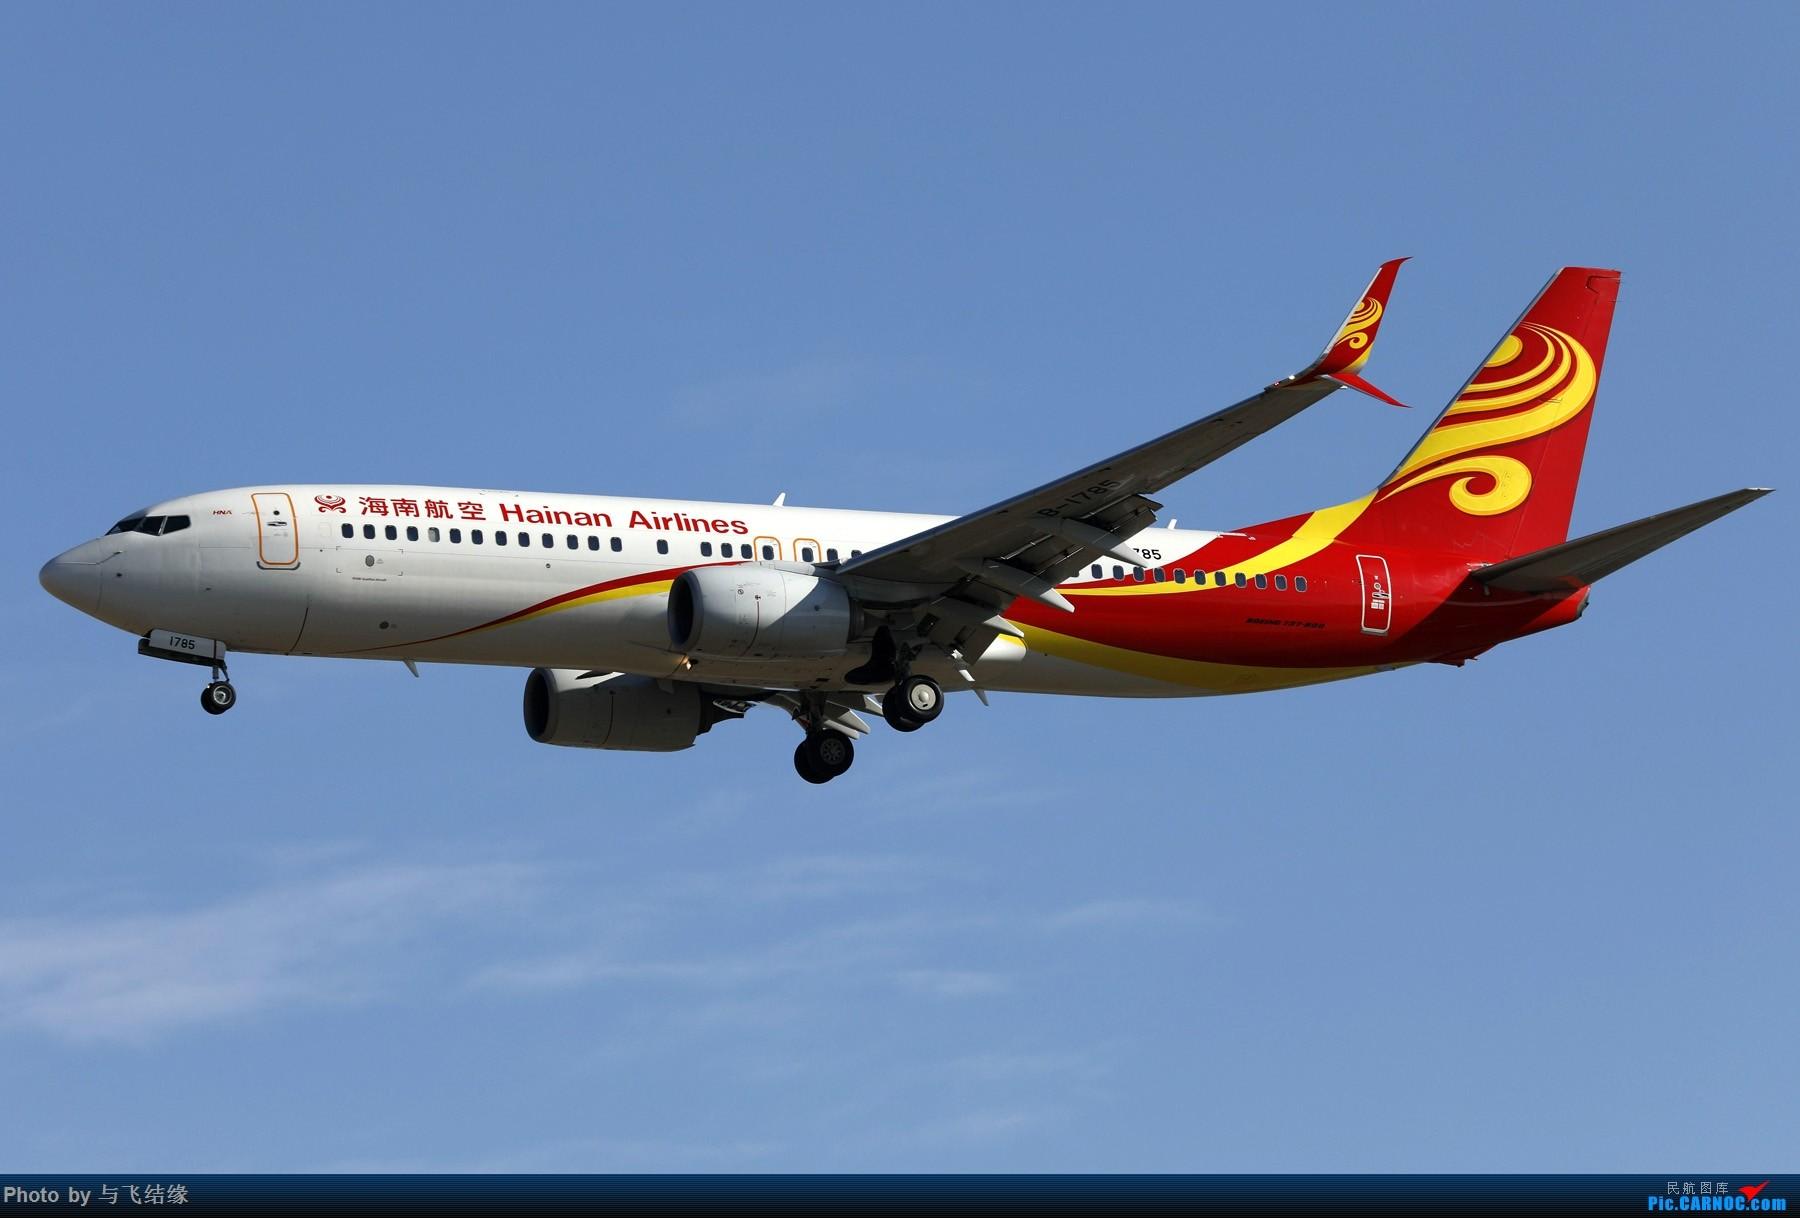 """Re:[原创]农历三十再发一贴,祝朋友们新年""""猪""""事顺利,吉祥如意! BOEING 737-800 B-1785 中国北京首都国际机场"""